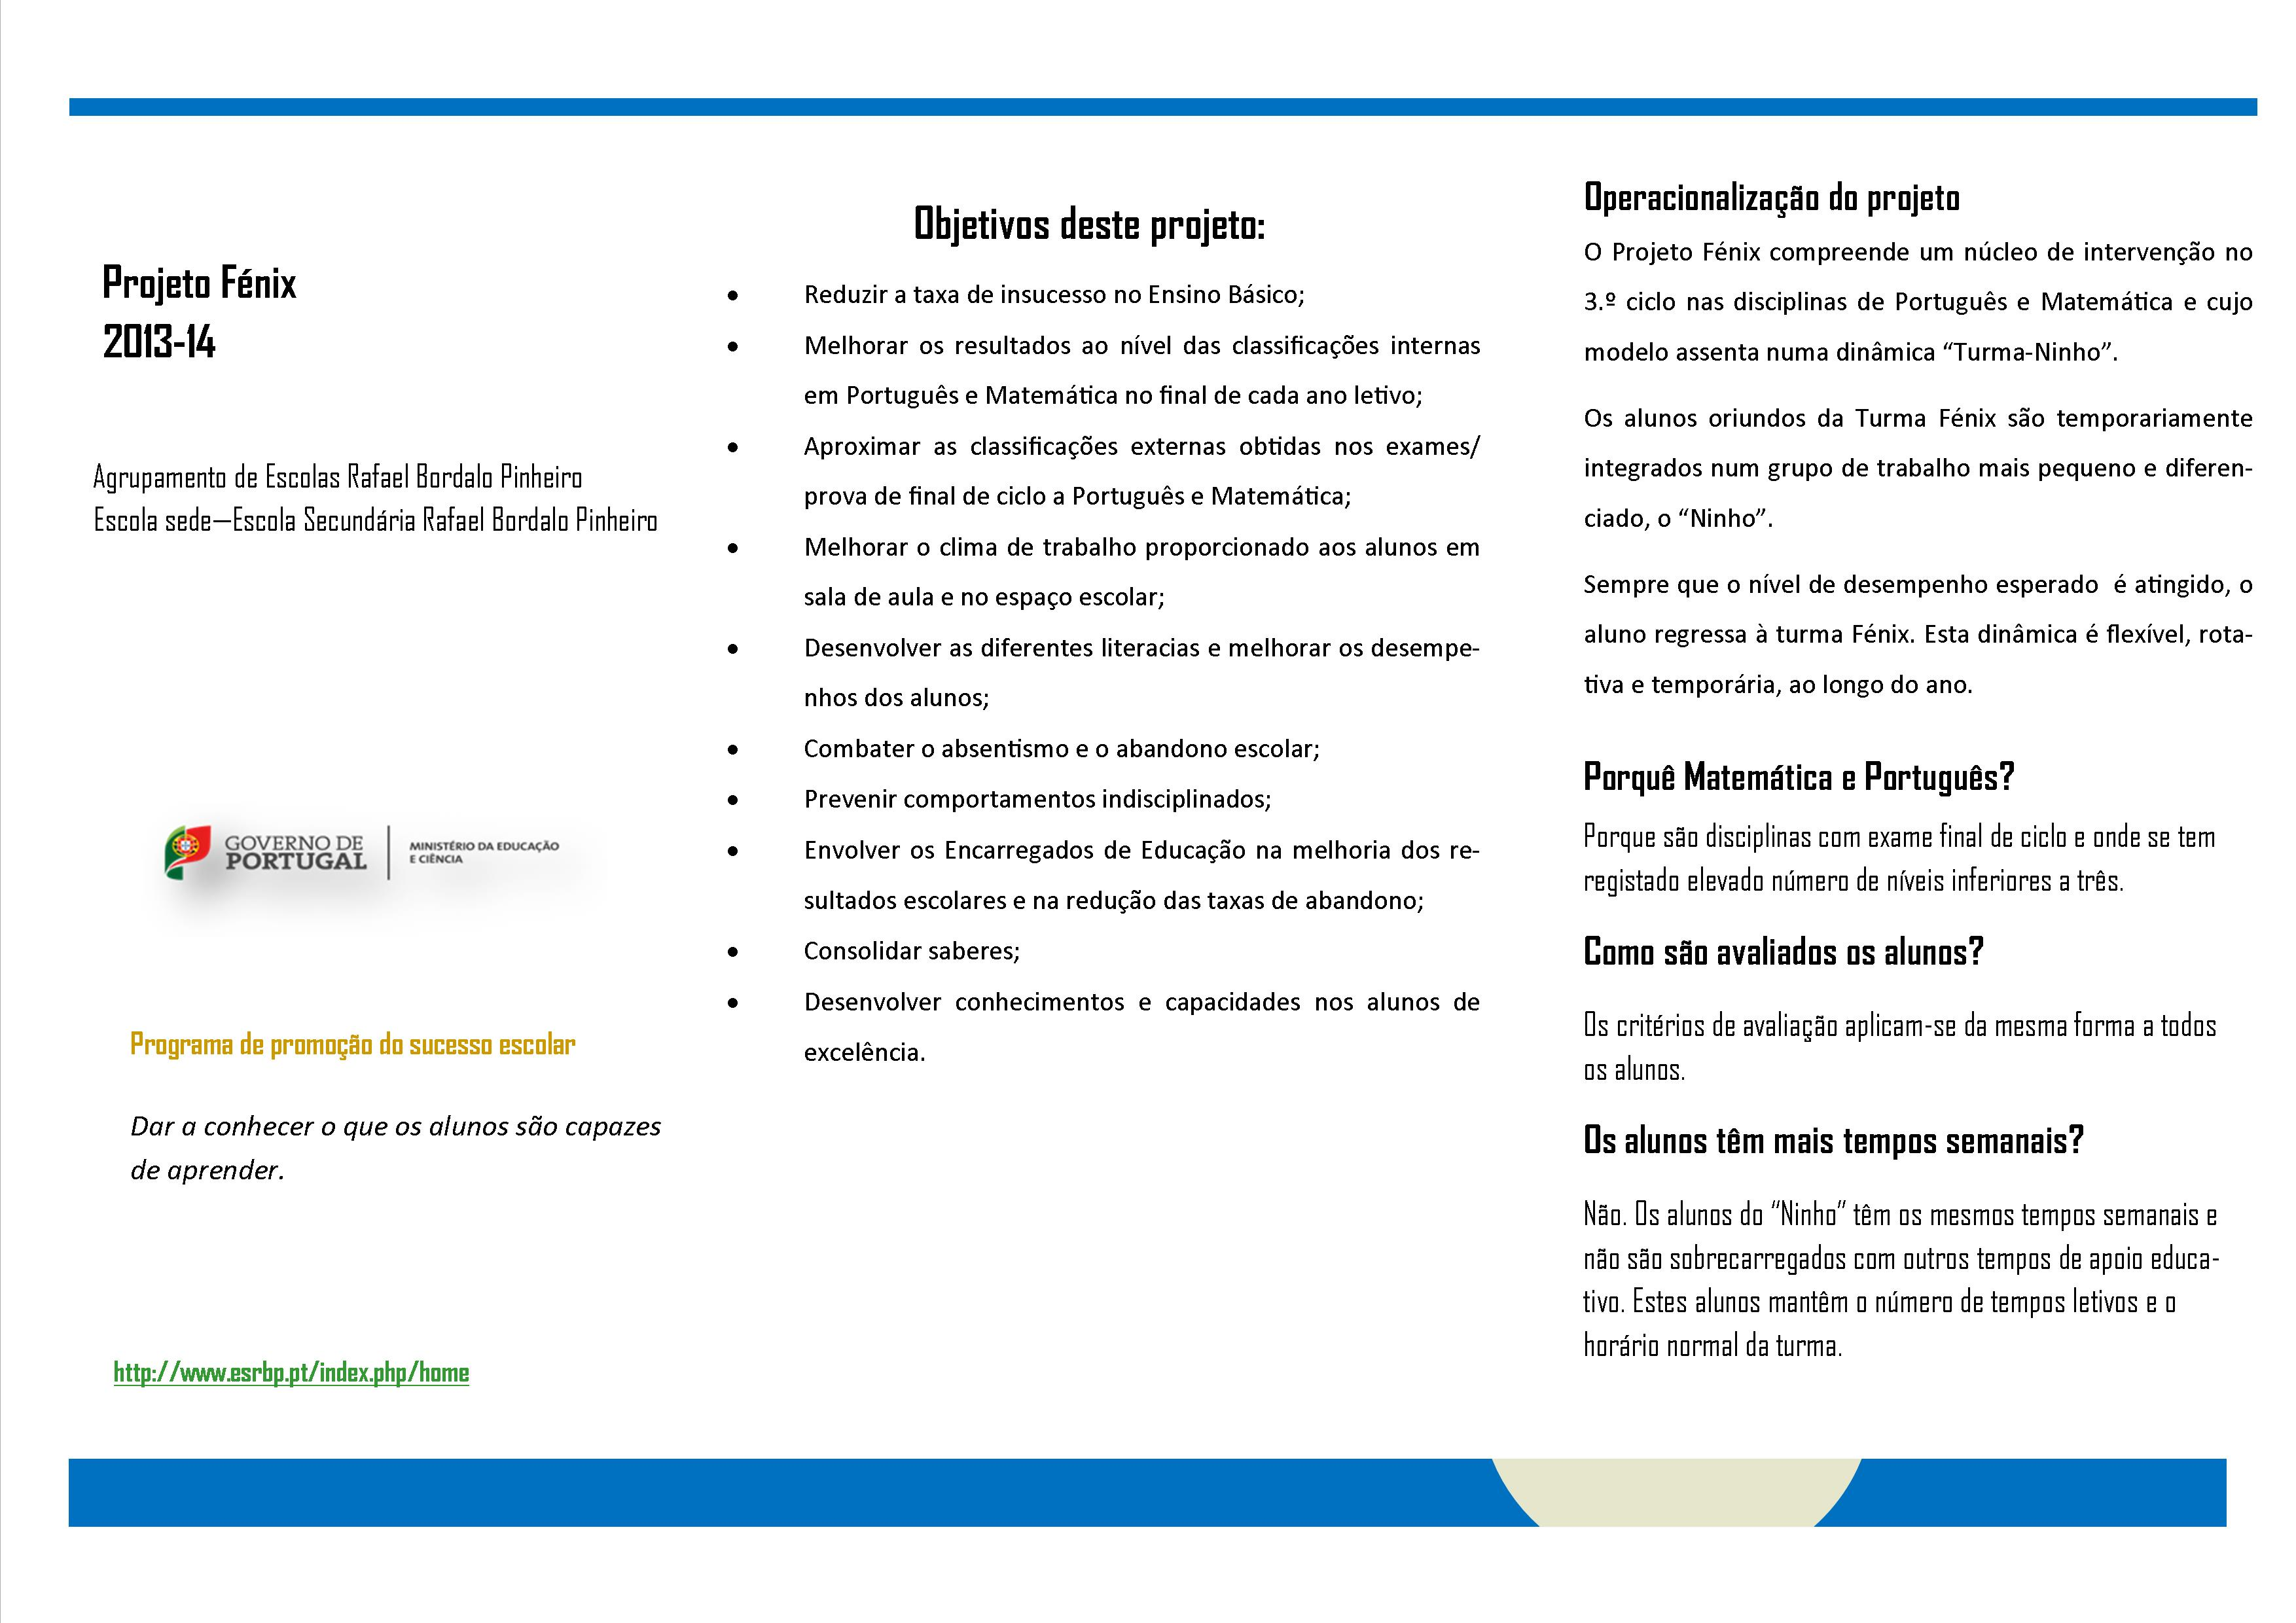 folheto_pagina_web